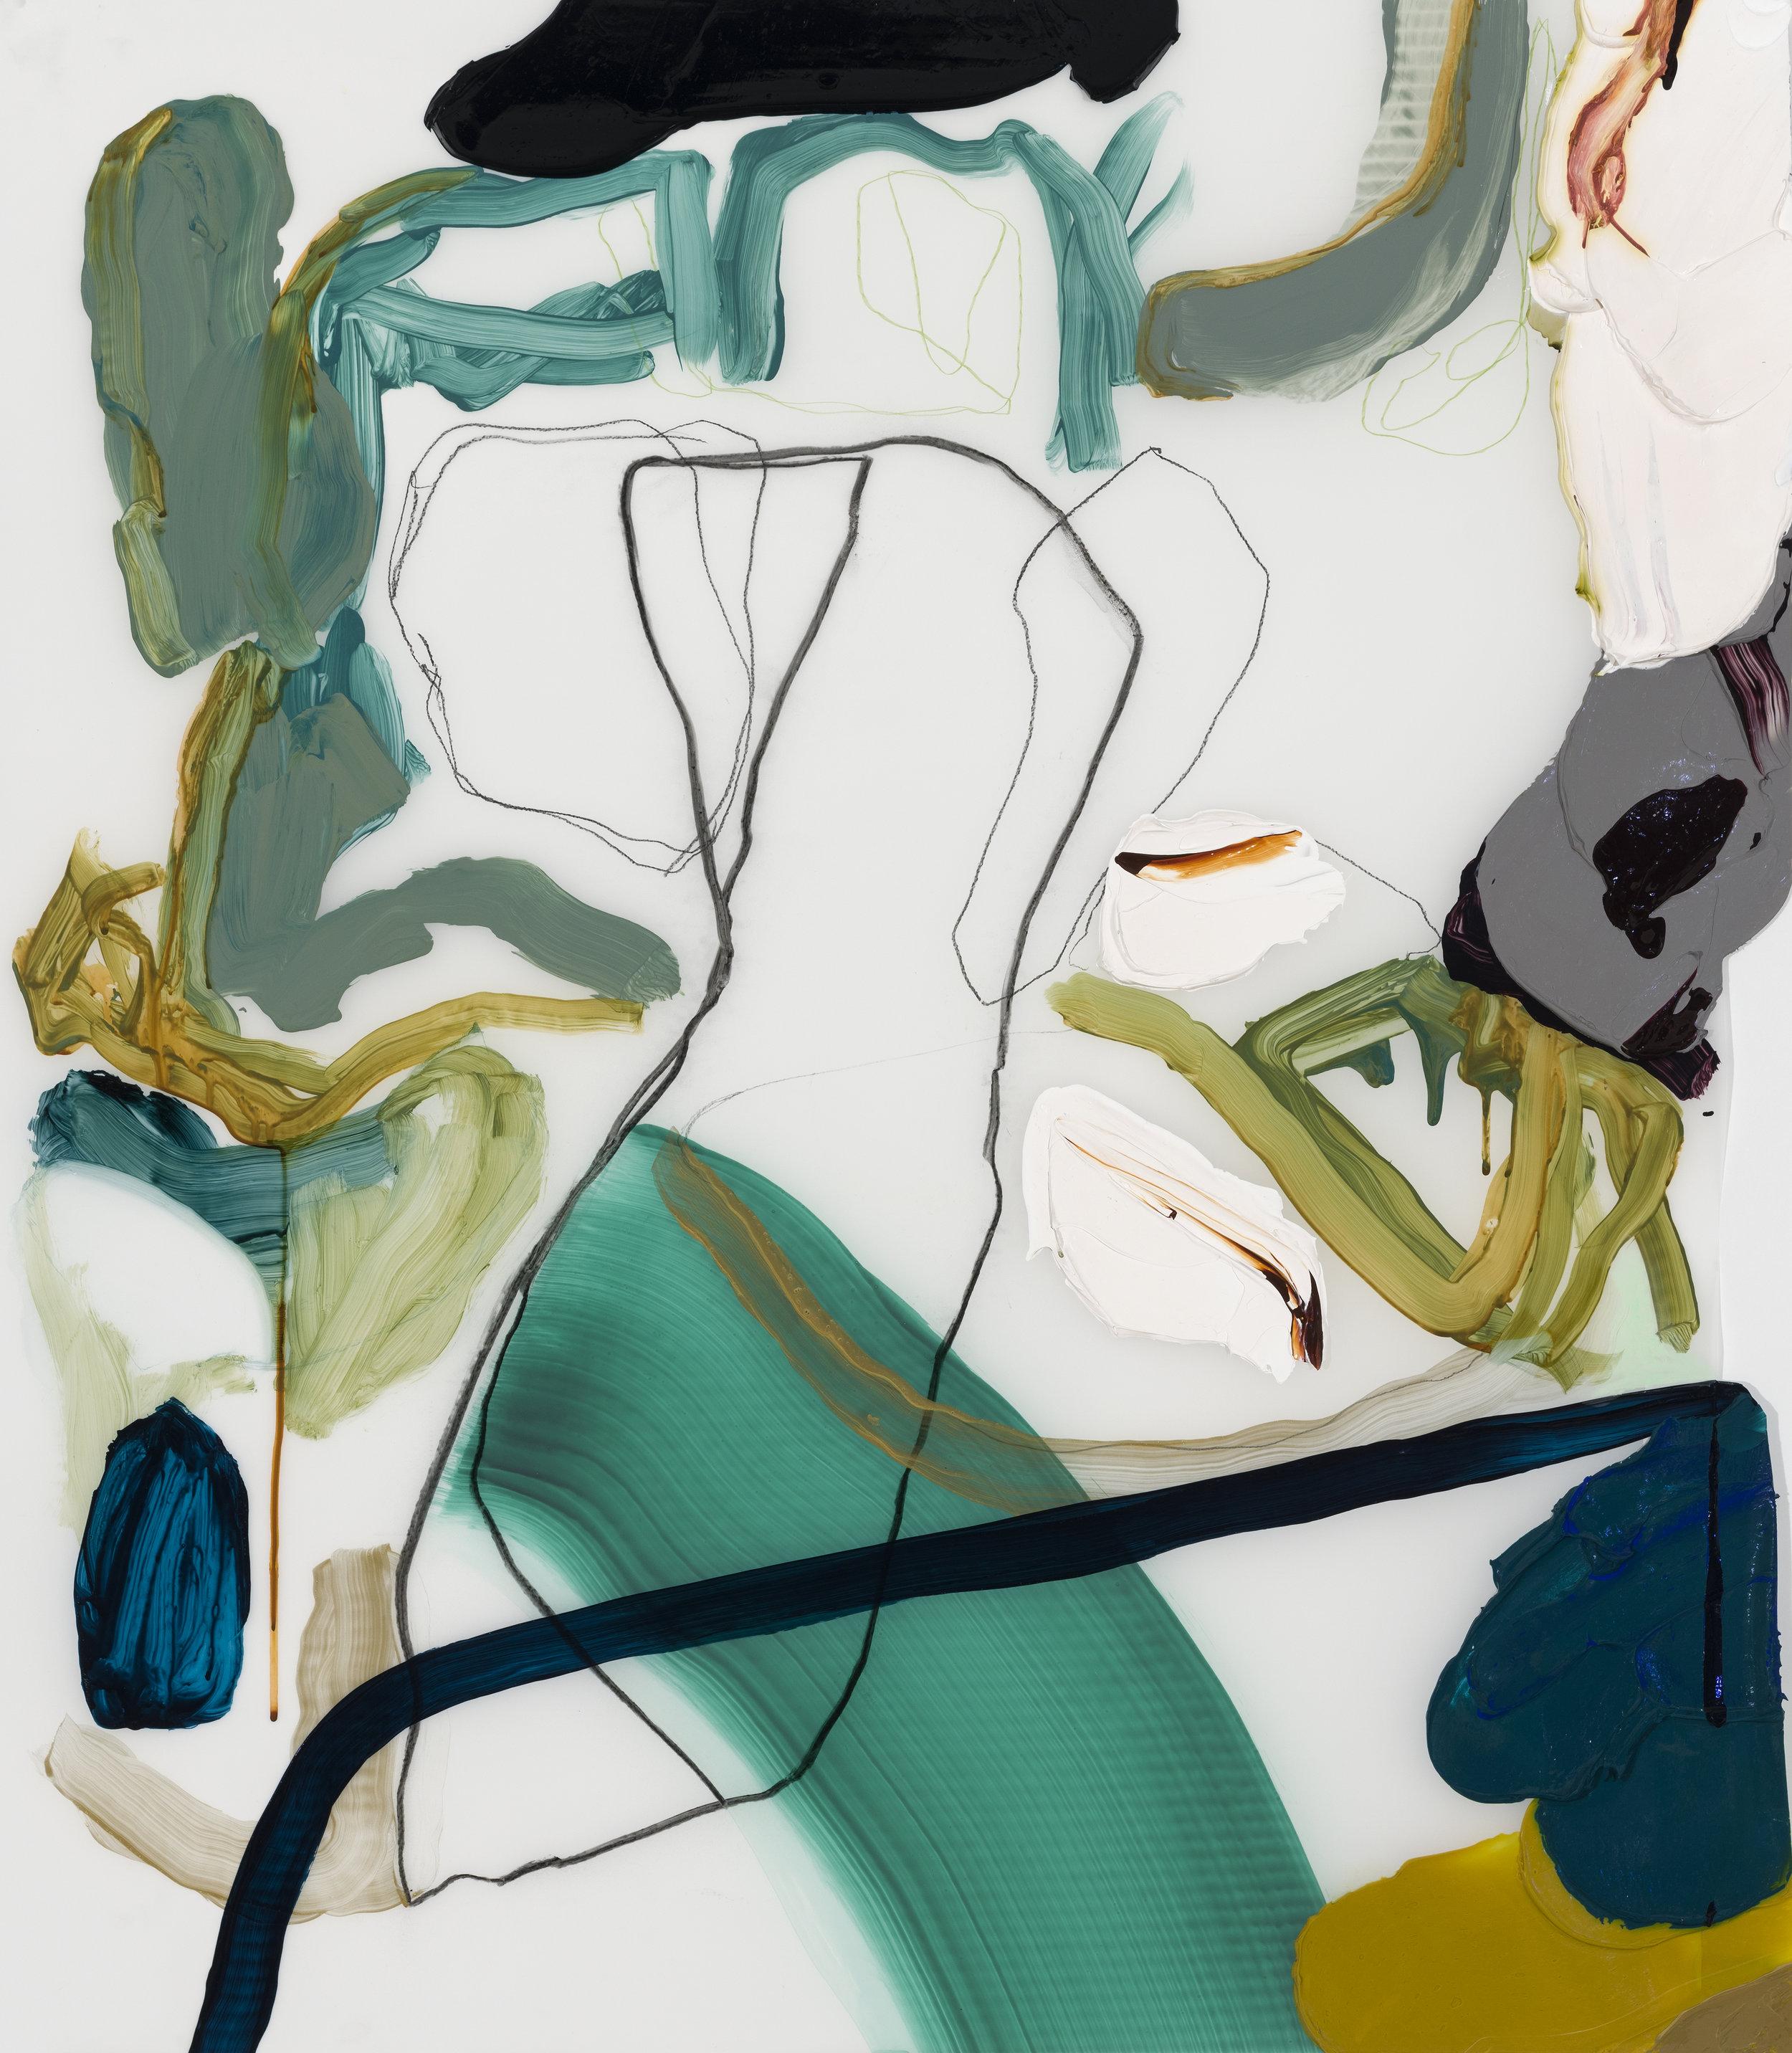 Cap, 2019 acrylique et fusain sur Mylar, 36'' x 26''